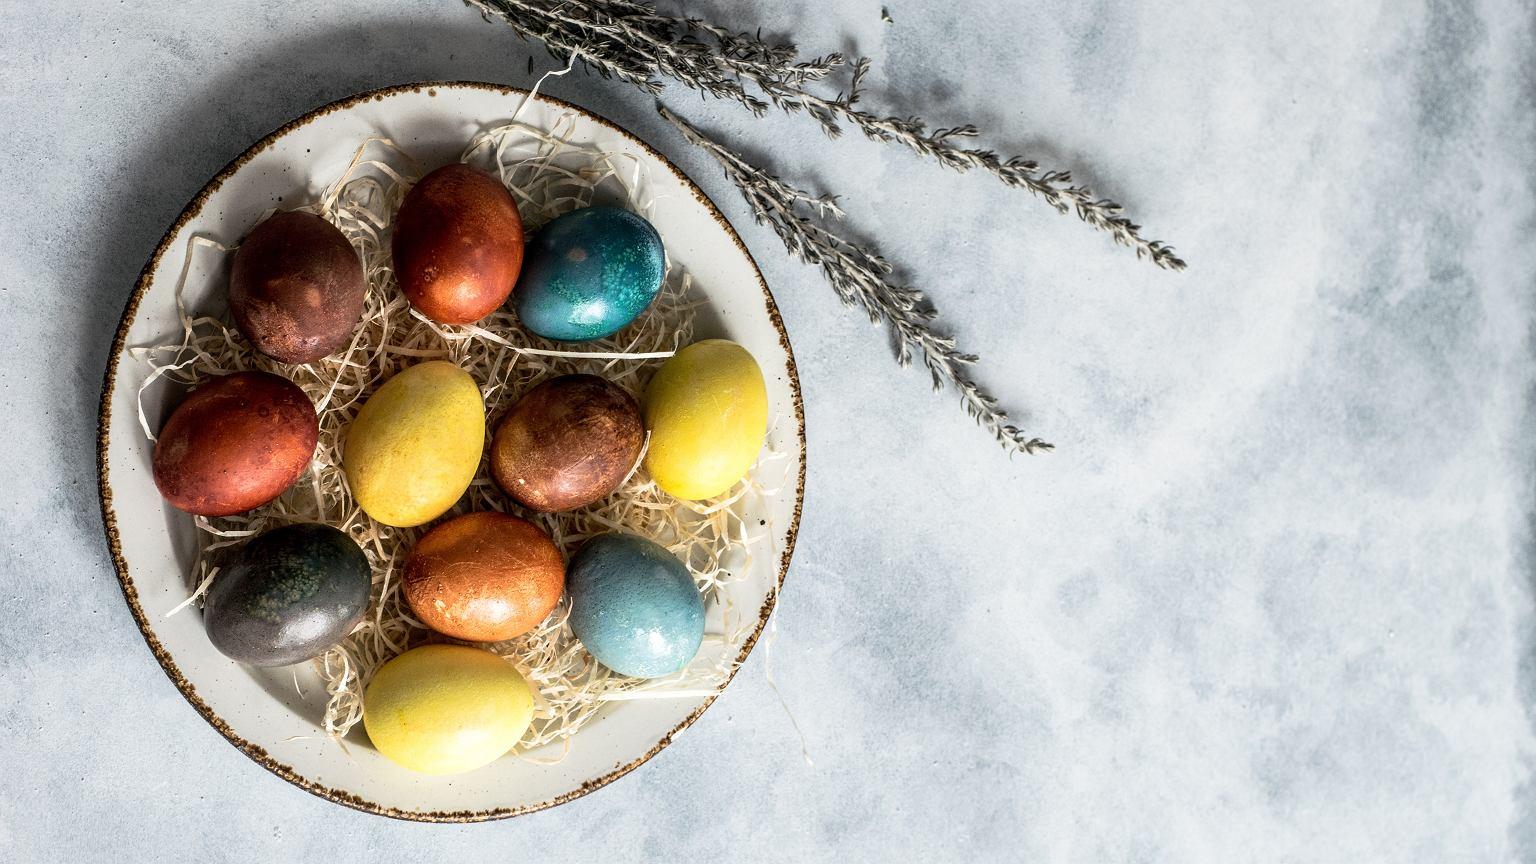 życzenia Wielkanocne 2019 Gotowe Wierszyki życzenia Rymowanki